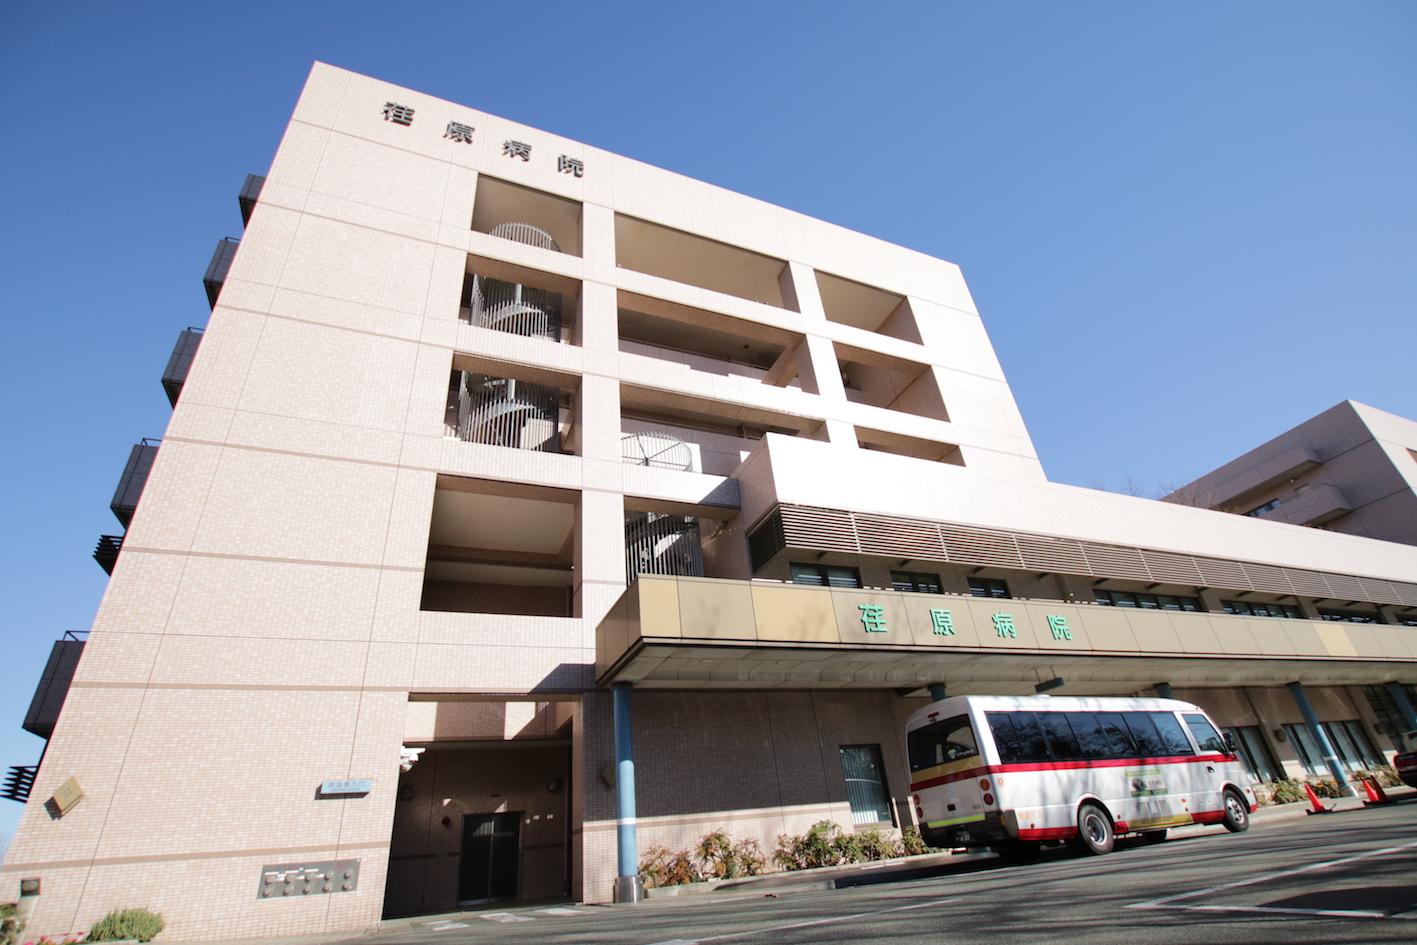 公益財団法人 東京都保健医療公社 荏原病院+看護助手